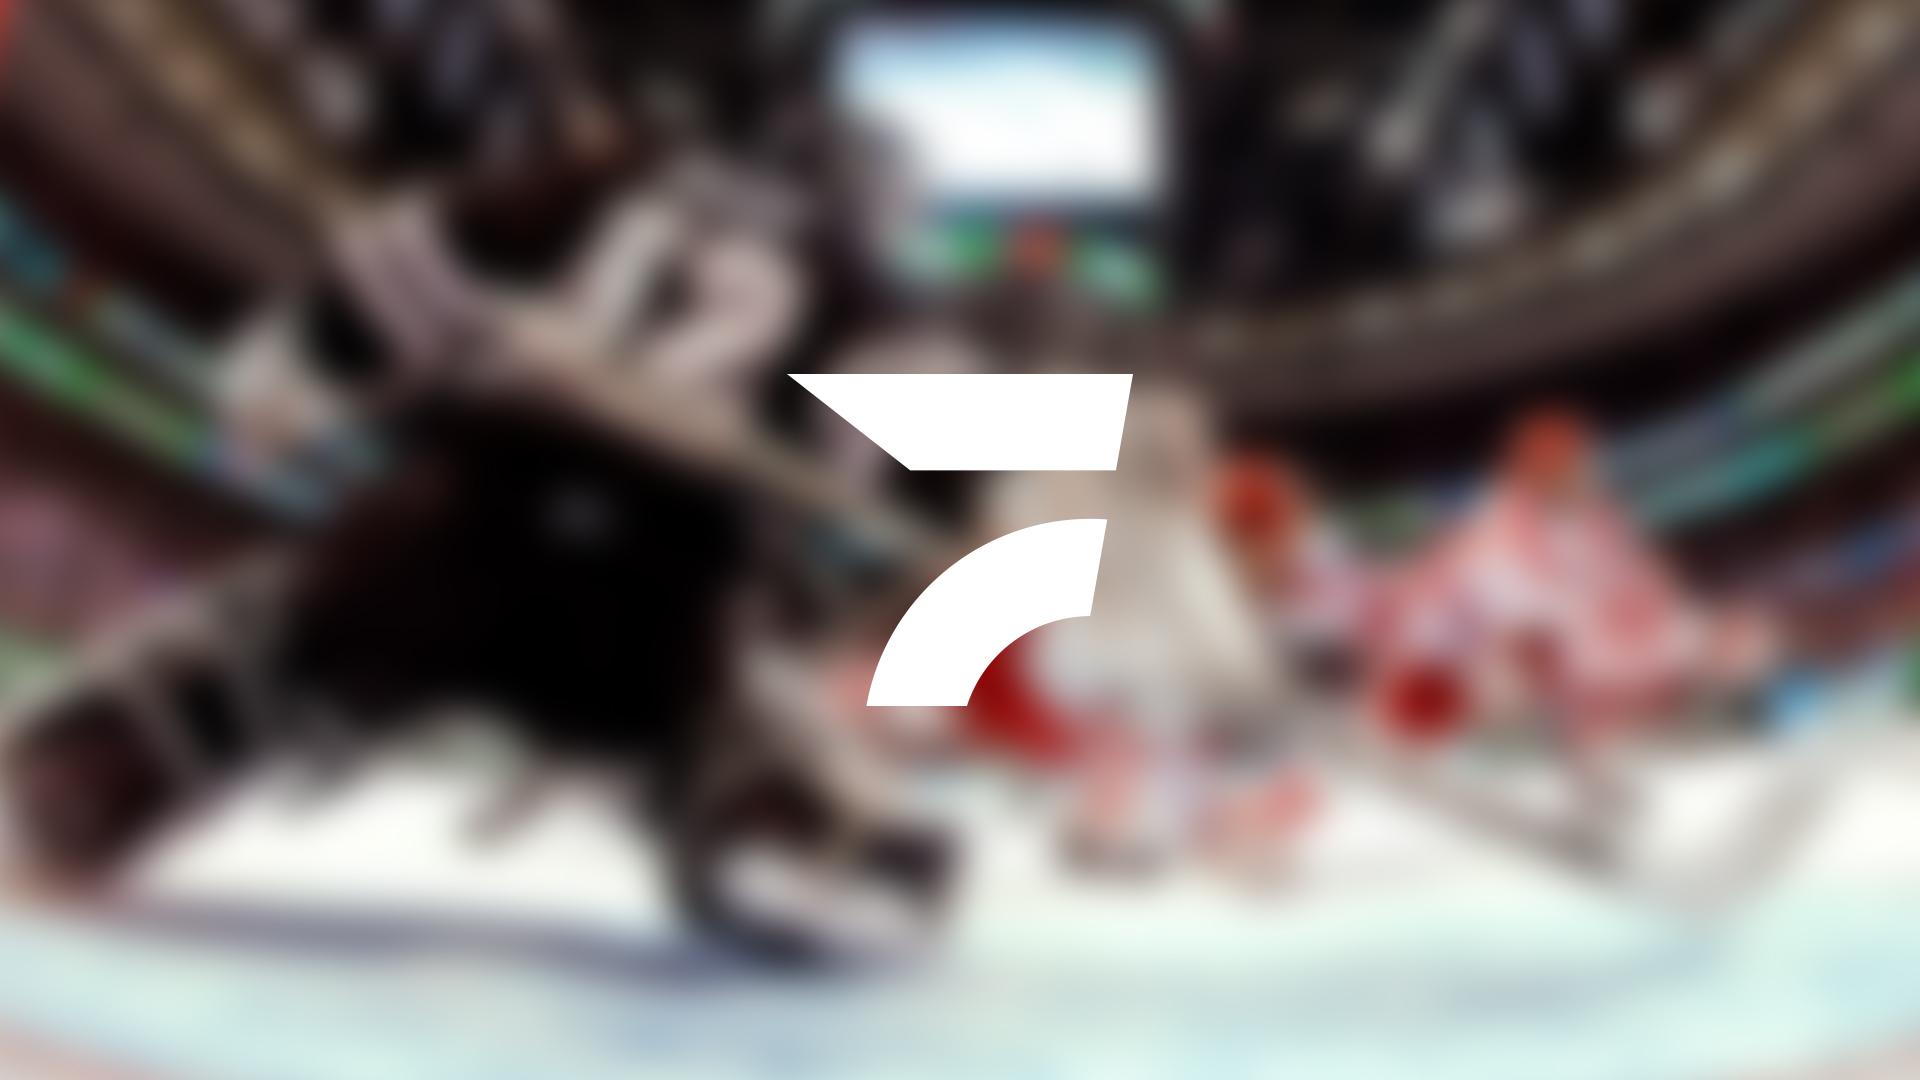 Hockey News   Hockey Games & Videos - Join FloHockey.tv - FloHockey